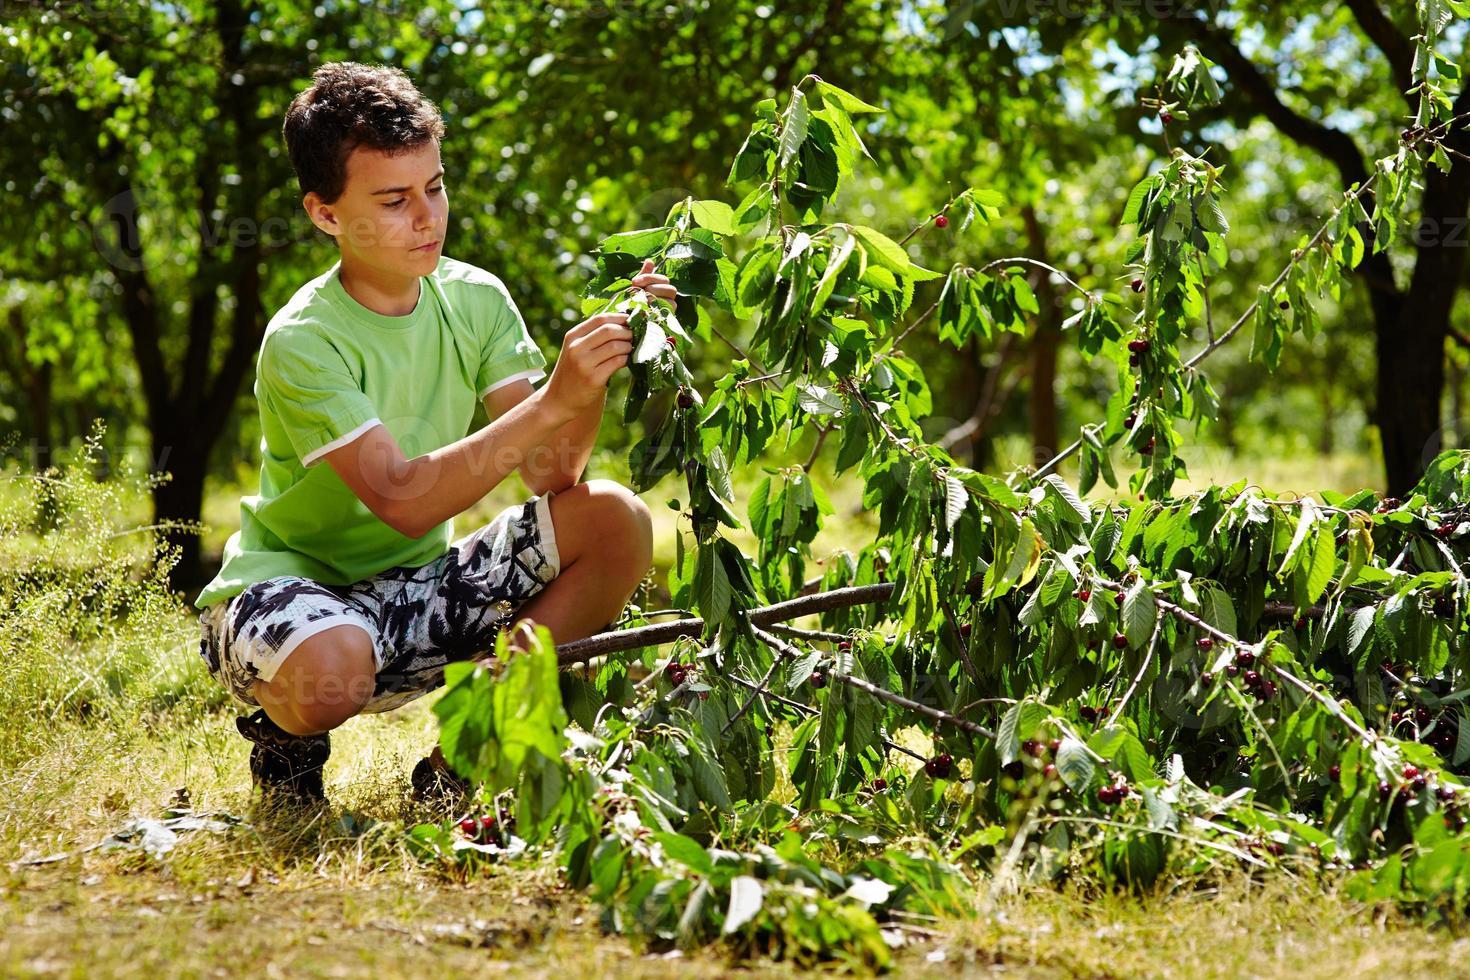 ragazzino raccogliendo le ciliegie foto